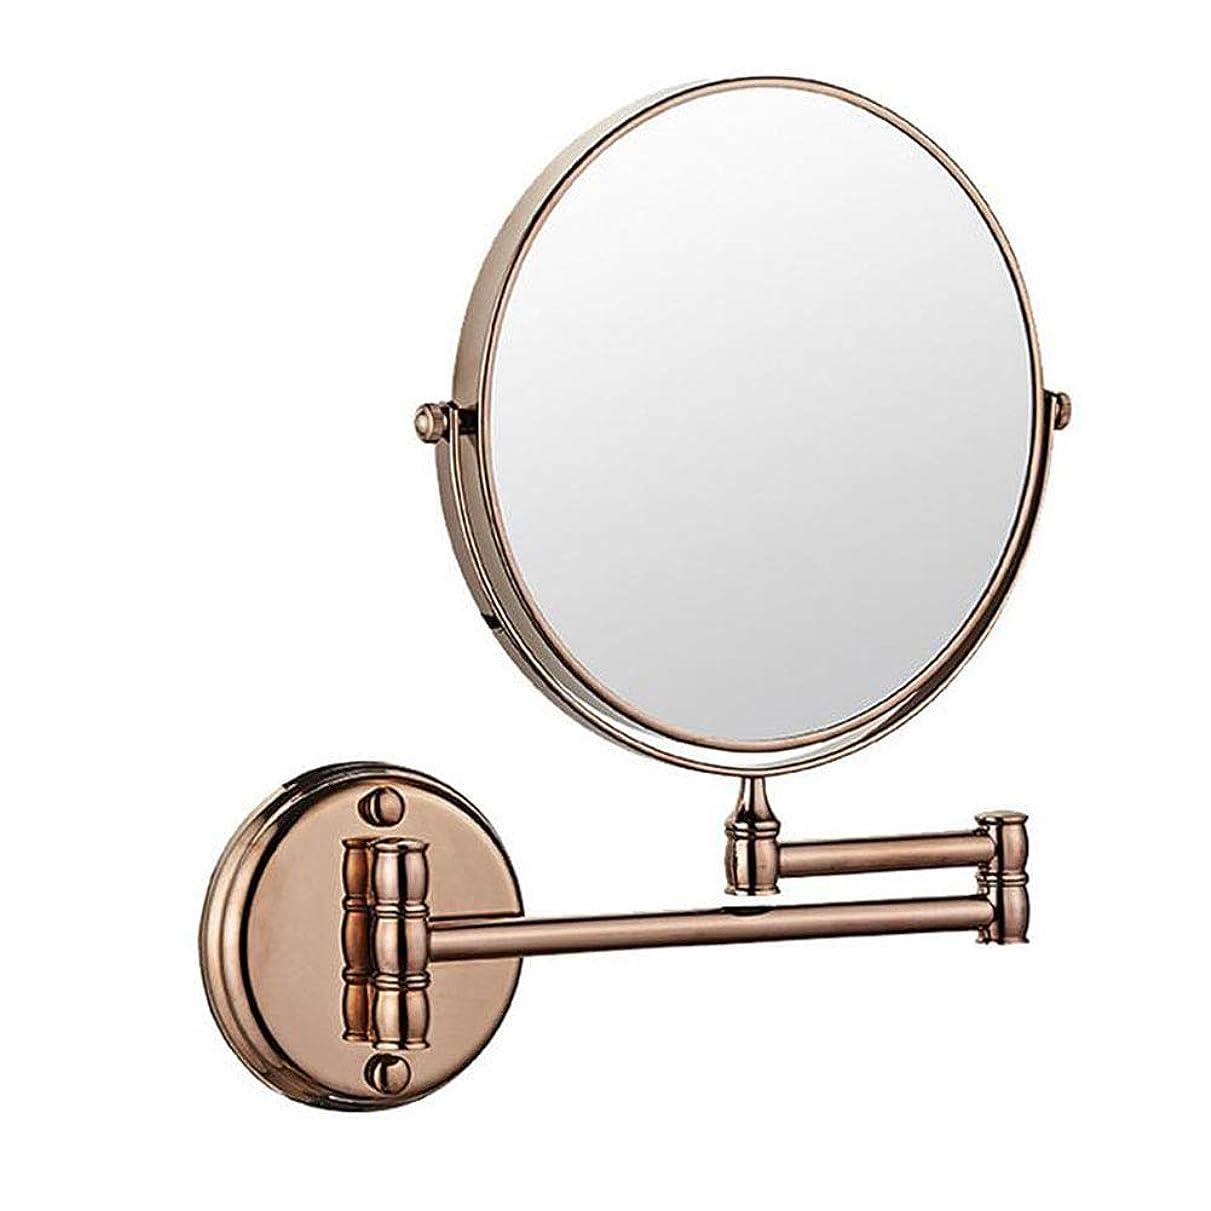 銃鼻オピエートLSYO 6インチ望遠鏡 両面 浴室鏡、ンチ360度回転 丸型 畳み式 バニティミラー 拡張可能 シェービングミラー,Rose Gold_3X Magnification